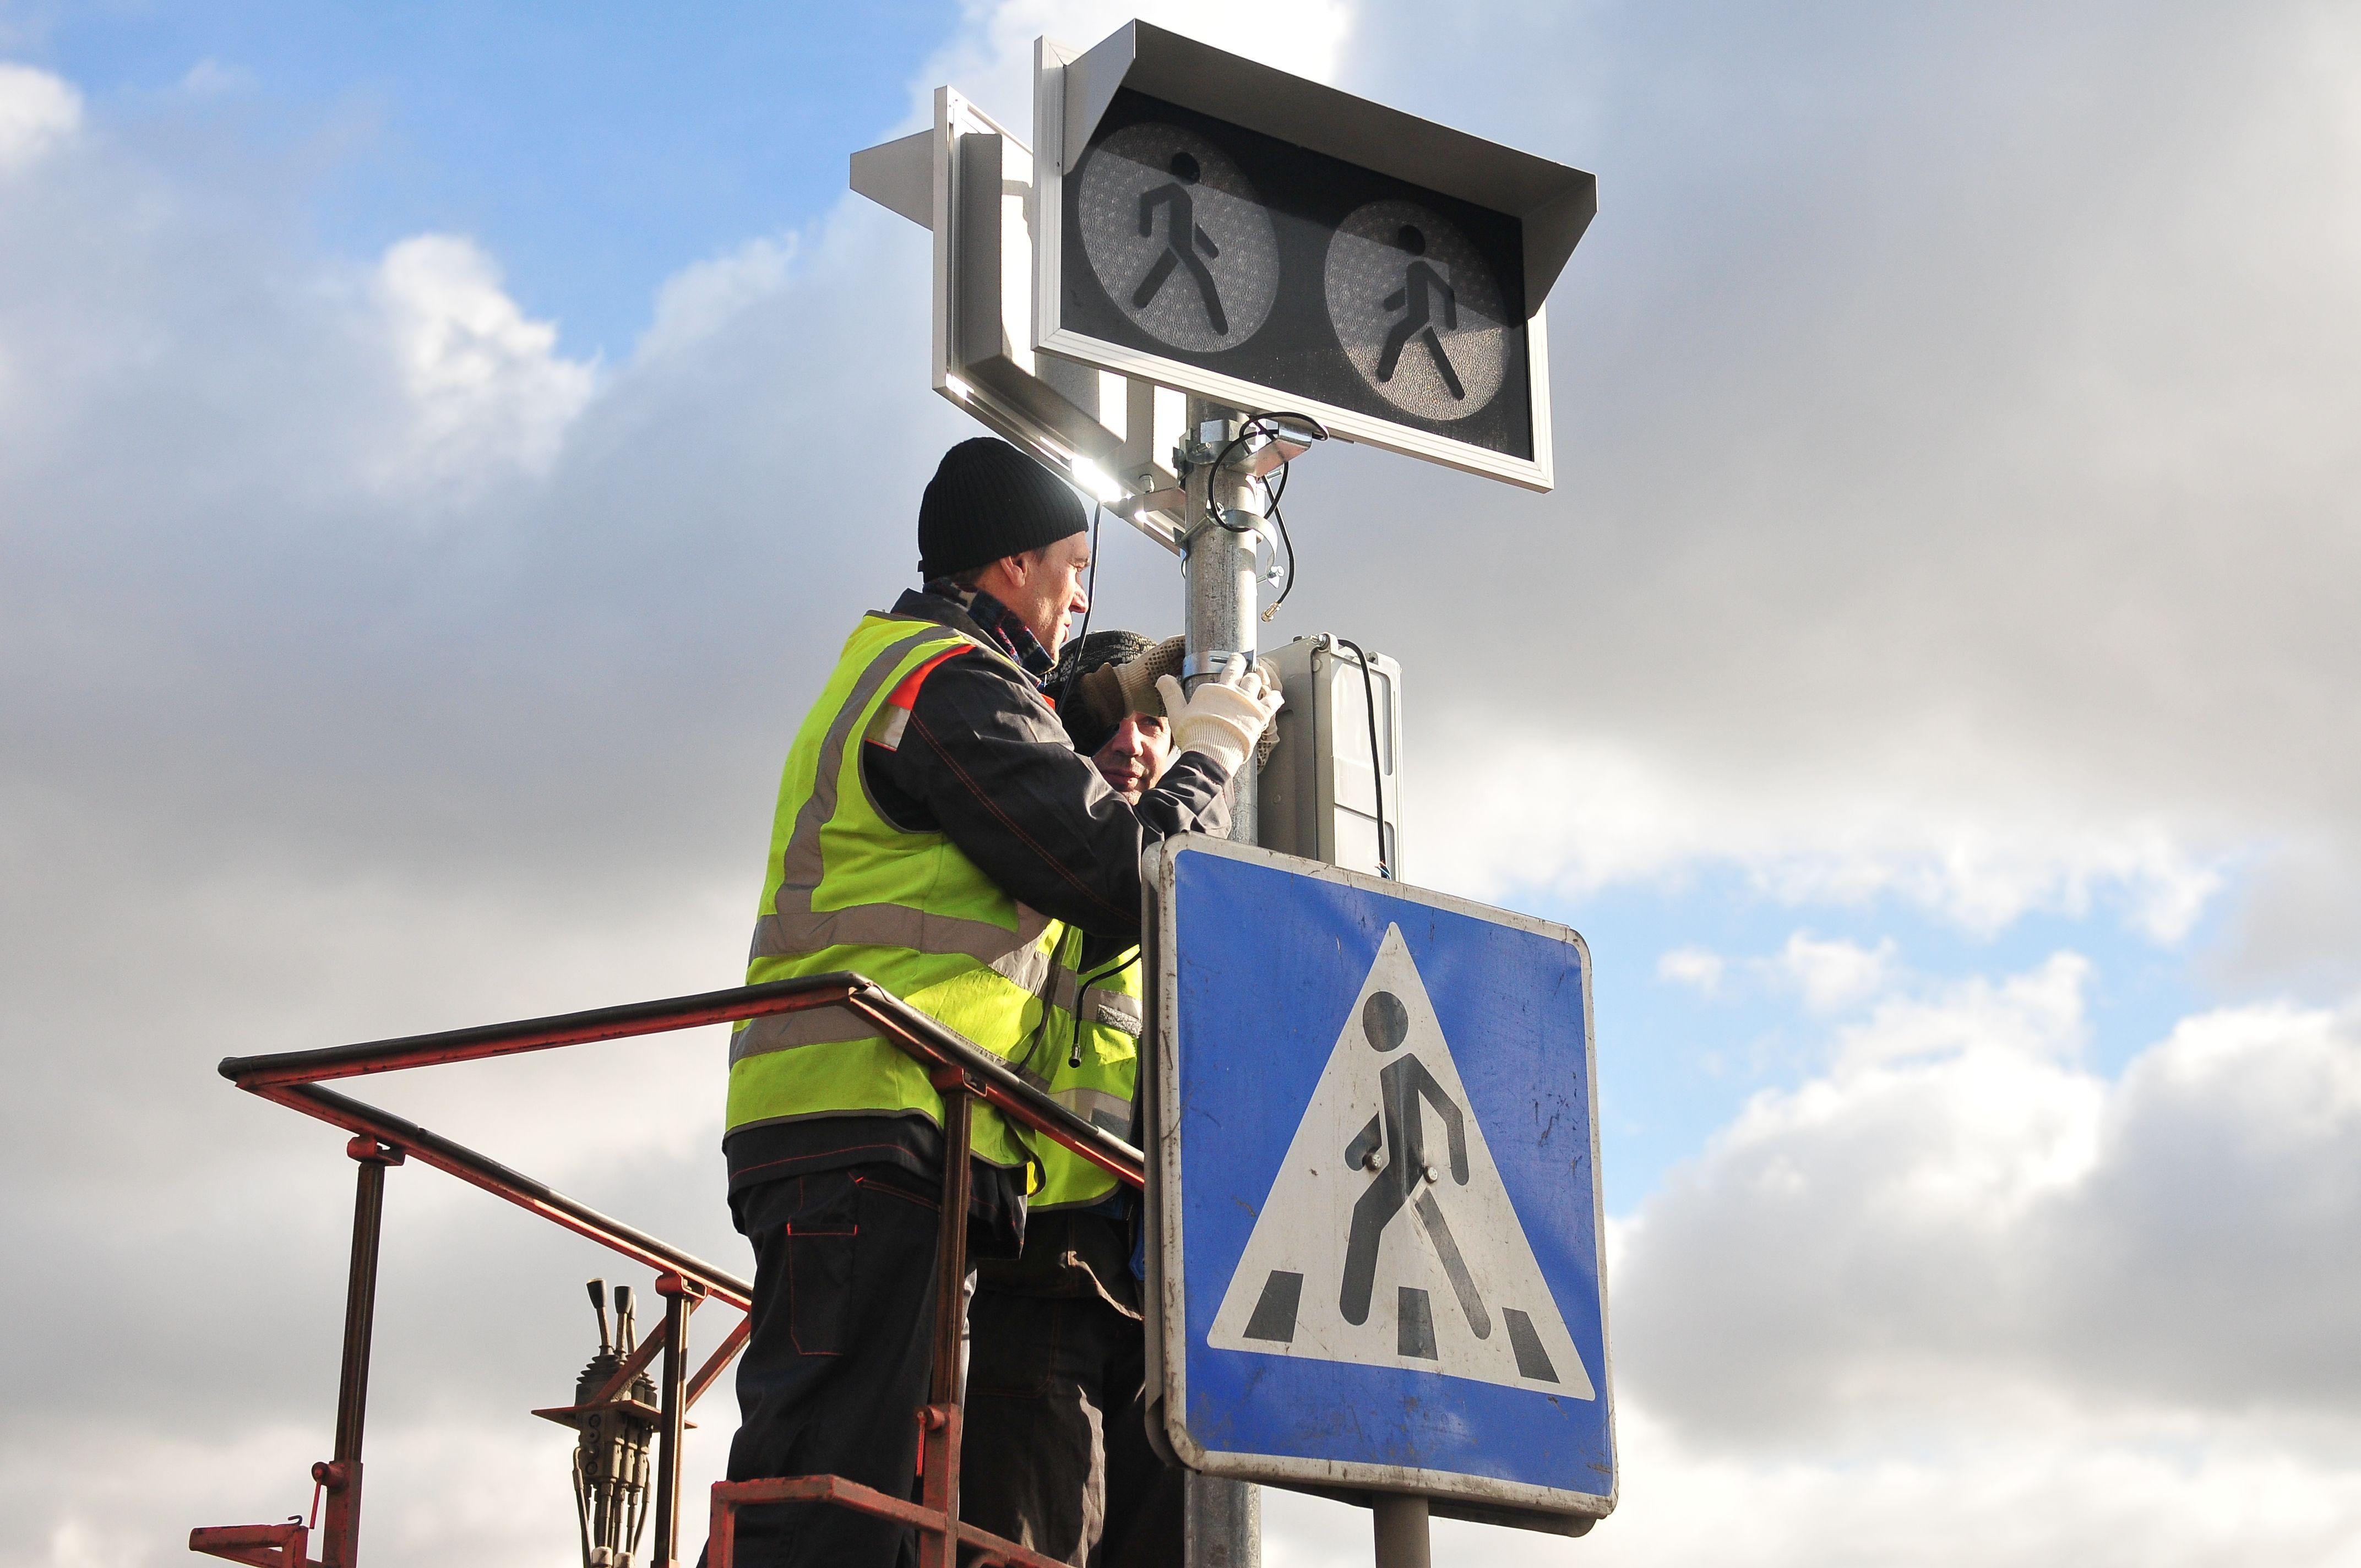 Безопасности уделяется все больше внимания. Фото: Александр Казаков